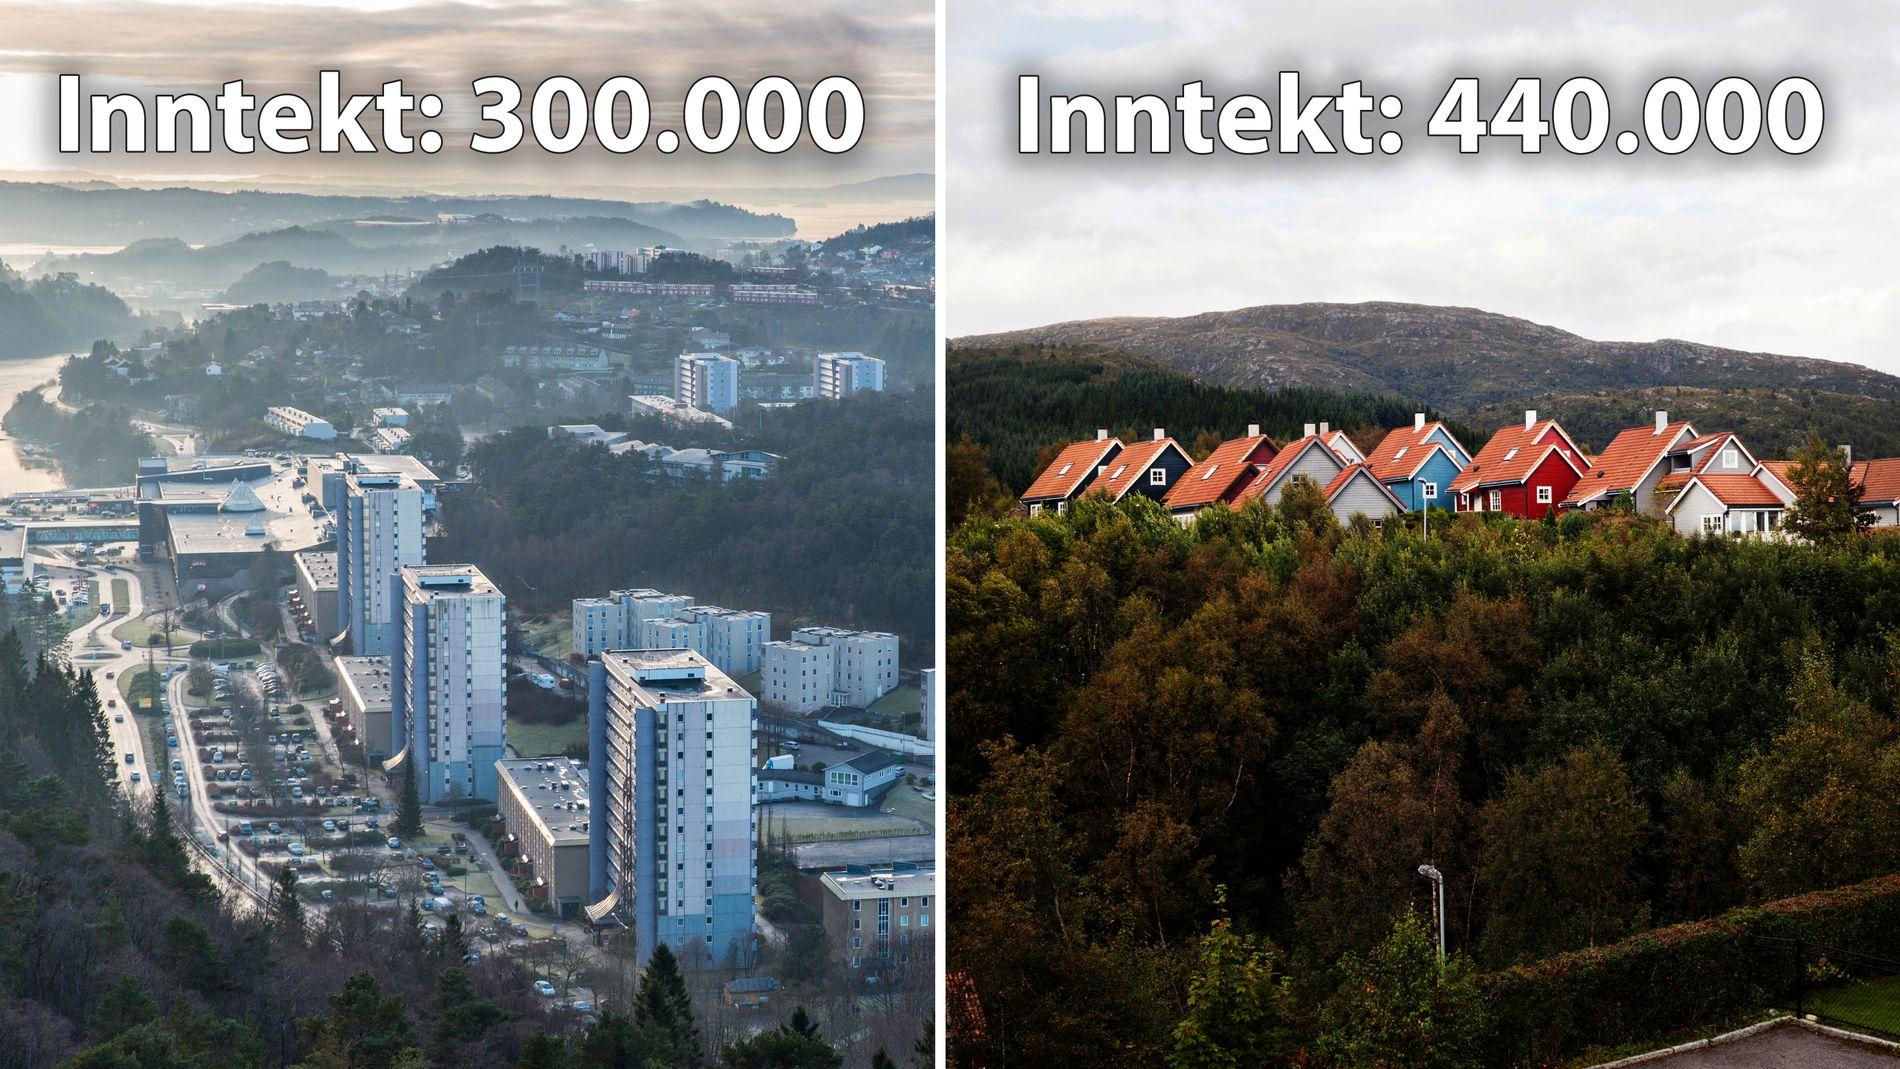 ULIKHET: Levekårene er svært ulike i for eksempel Loddefjord (til venstre) og Nattlandsfjellet (til høyre), ifølge innsenderen.